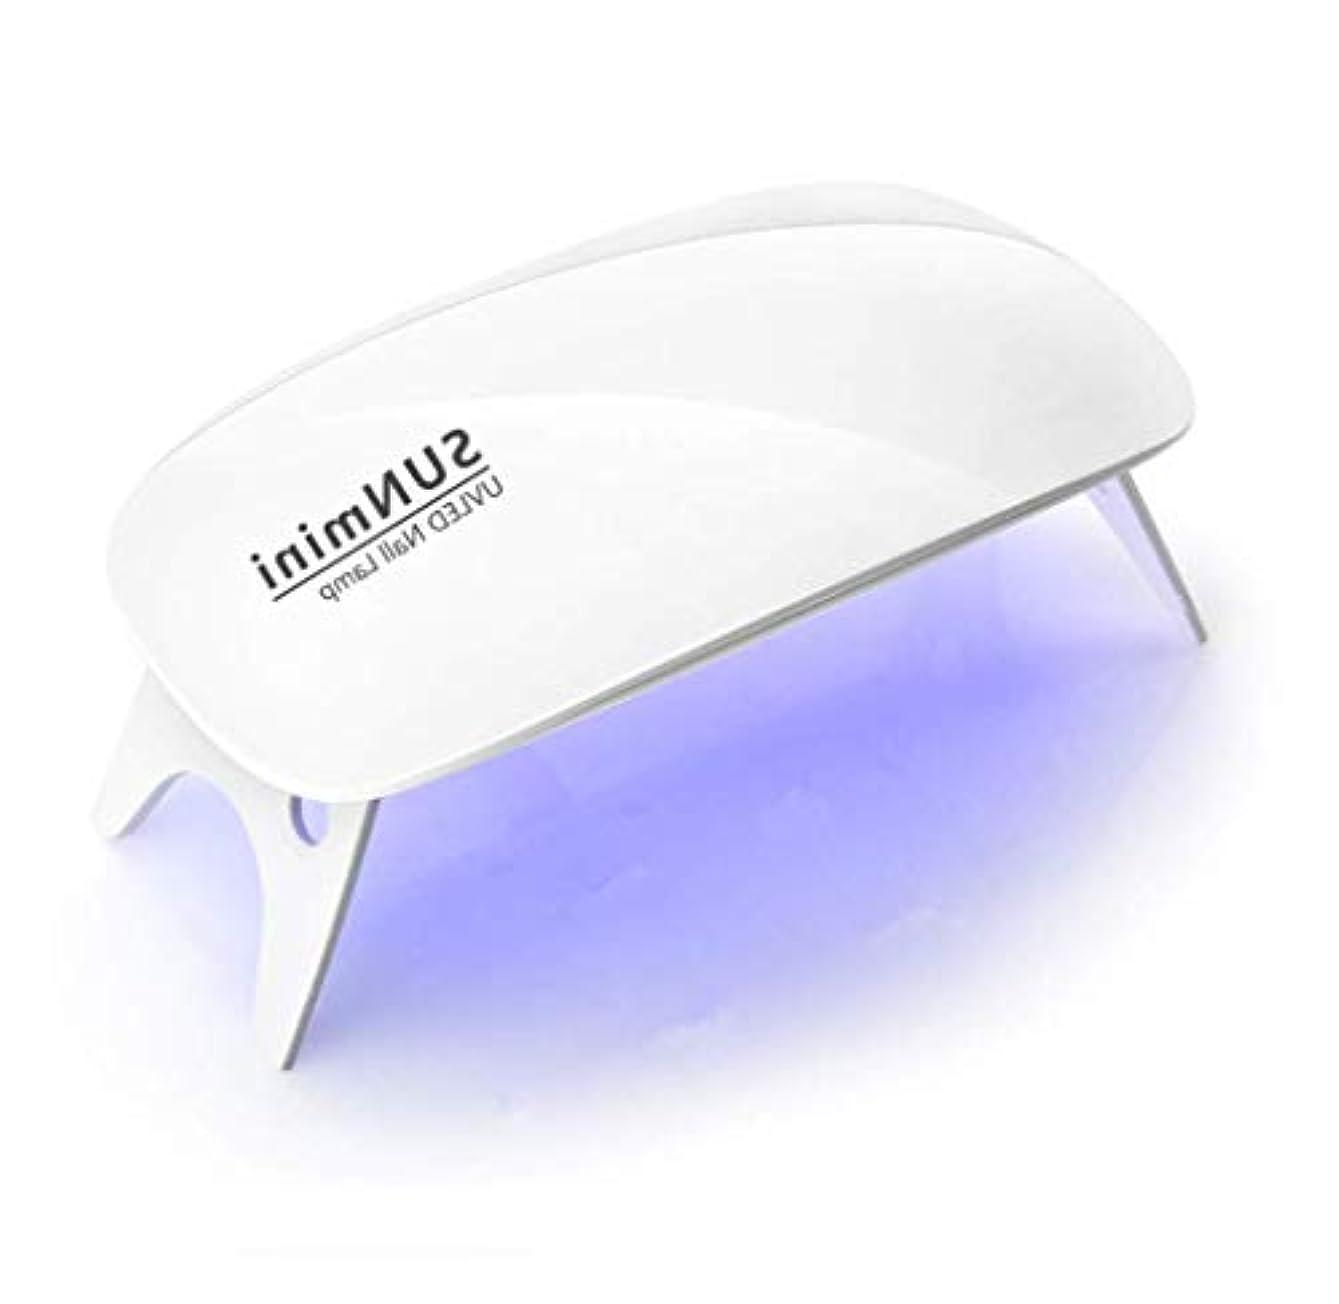 スペード是正逆説LEDネイルドライヤー UV とLEDダブルライト ジェルネイル用 ホワイト UVライト 折りたたみ式 設定可能 タイマー ジェルネイル LED 硬化ライト ホワイト